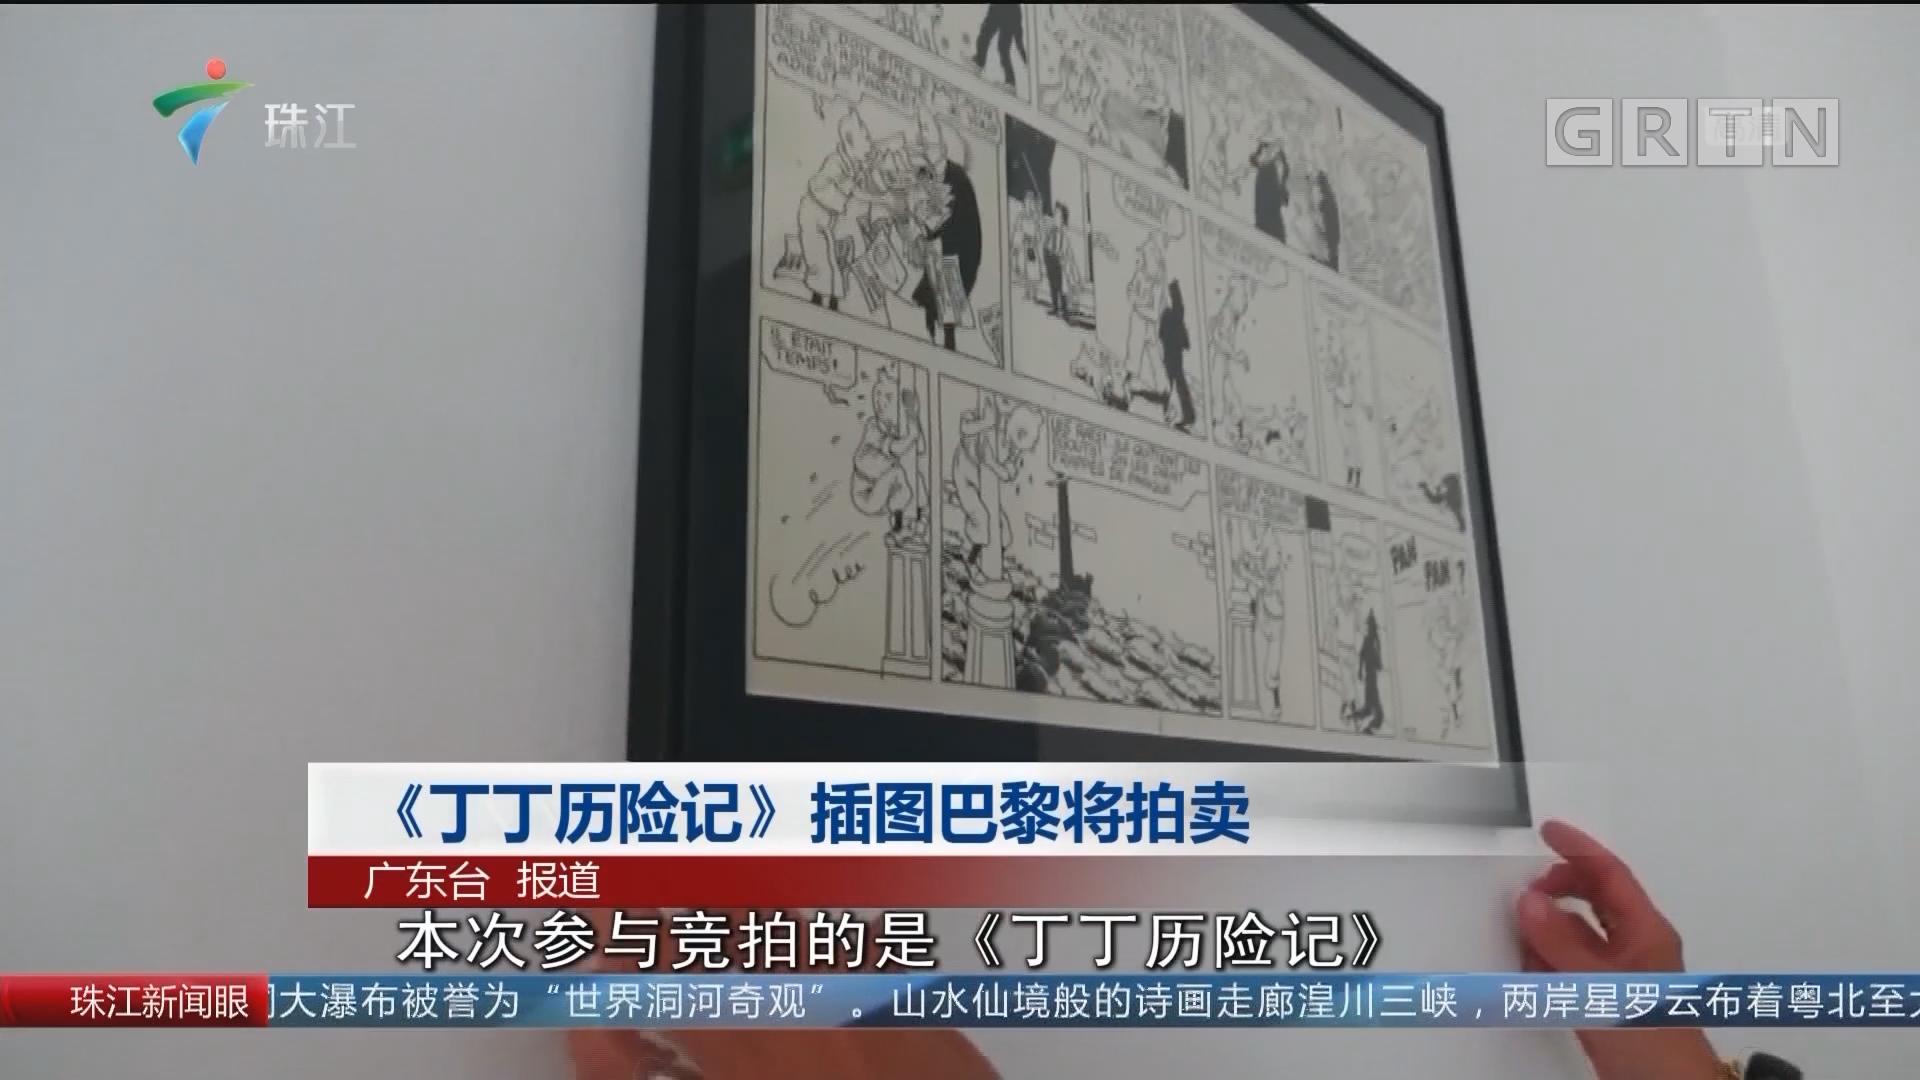 《丁丁历险记》插图巴黎将拍卖